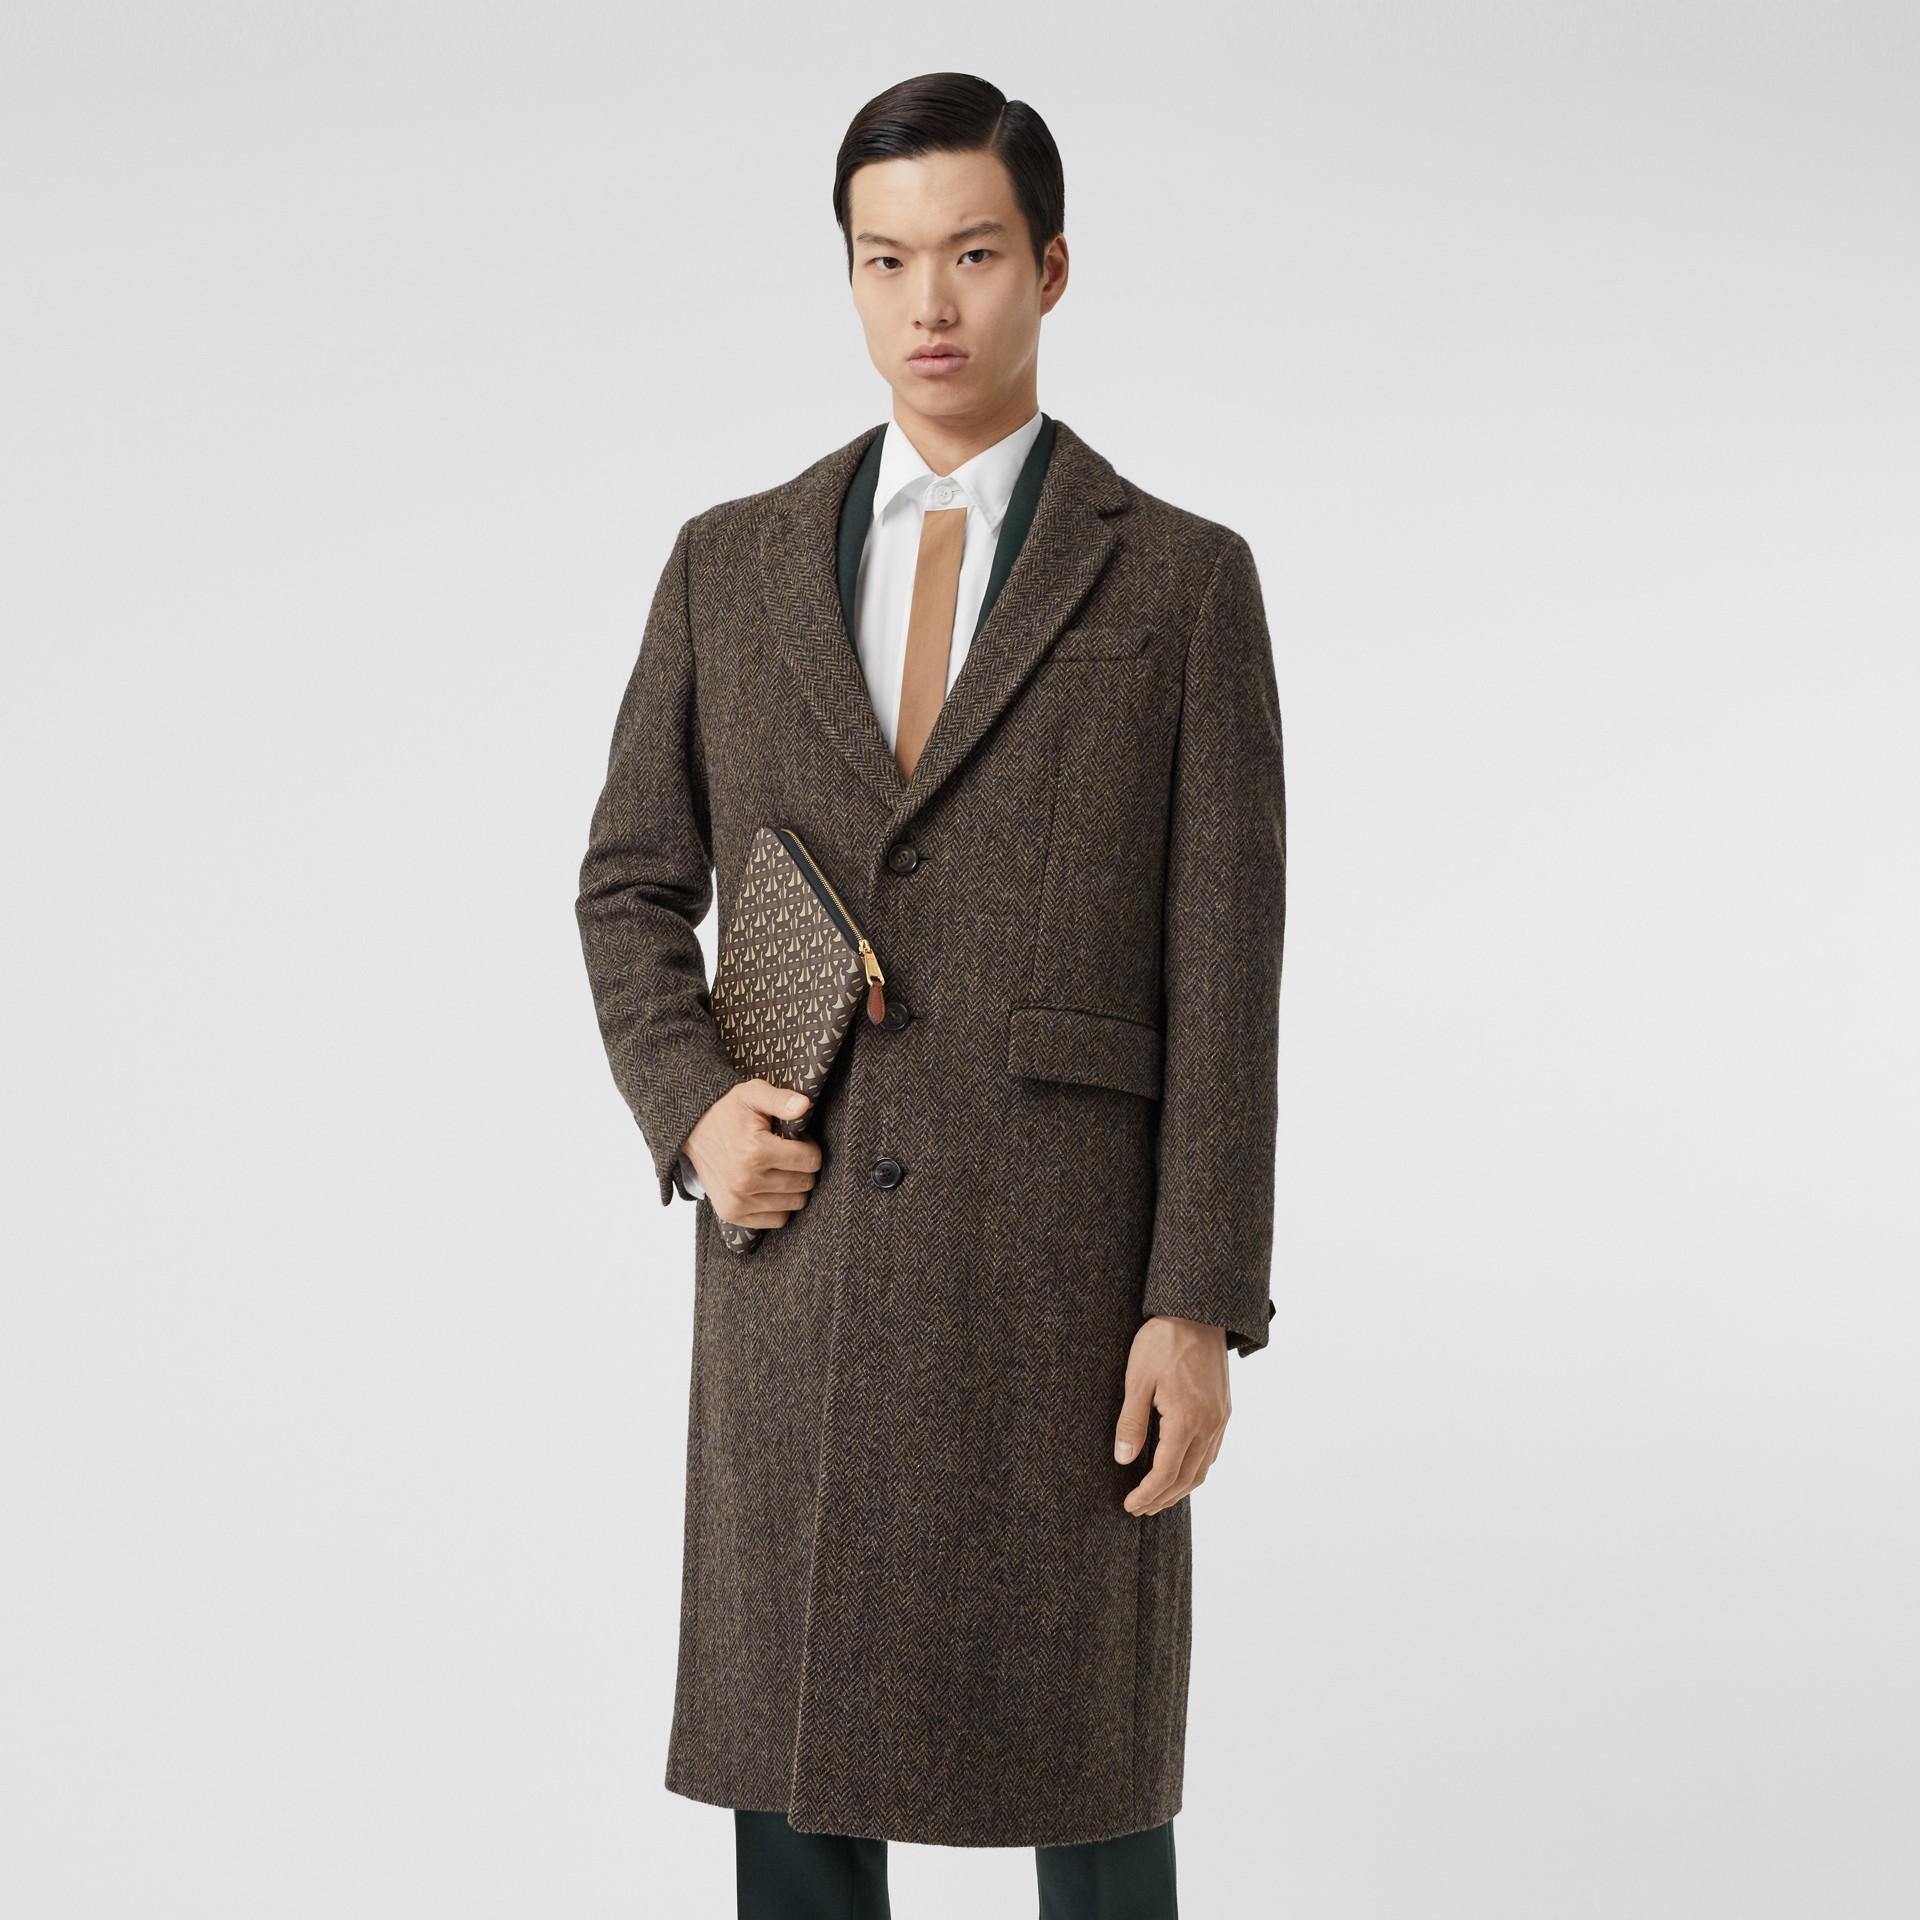 Herringbone Wool Tweed Coat in Brown - Men | Burberry Canada - gallery image 4